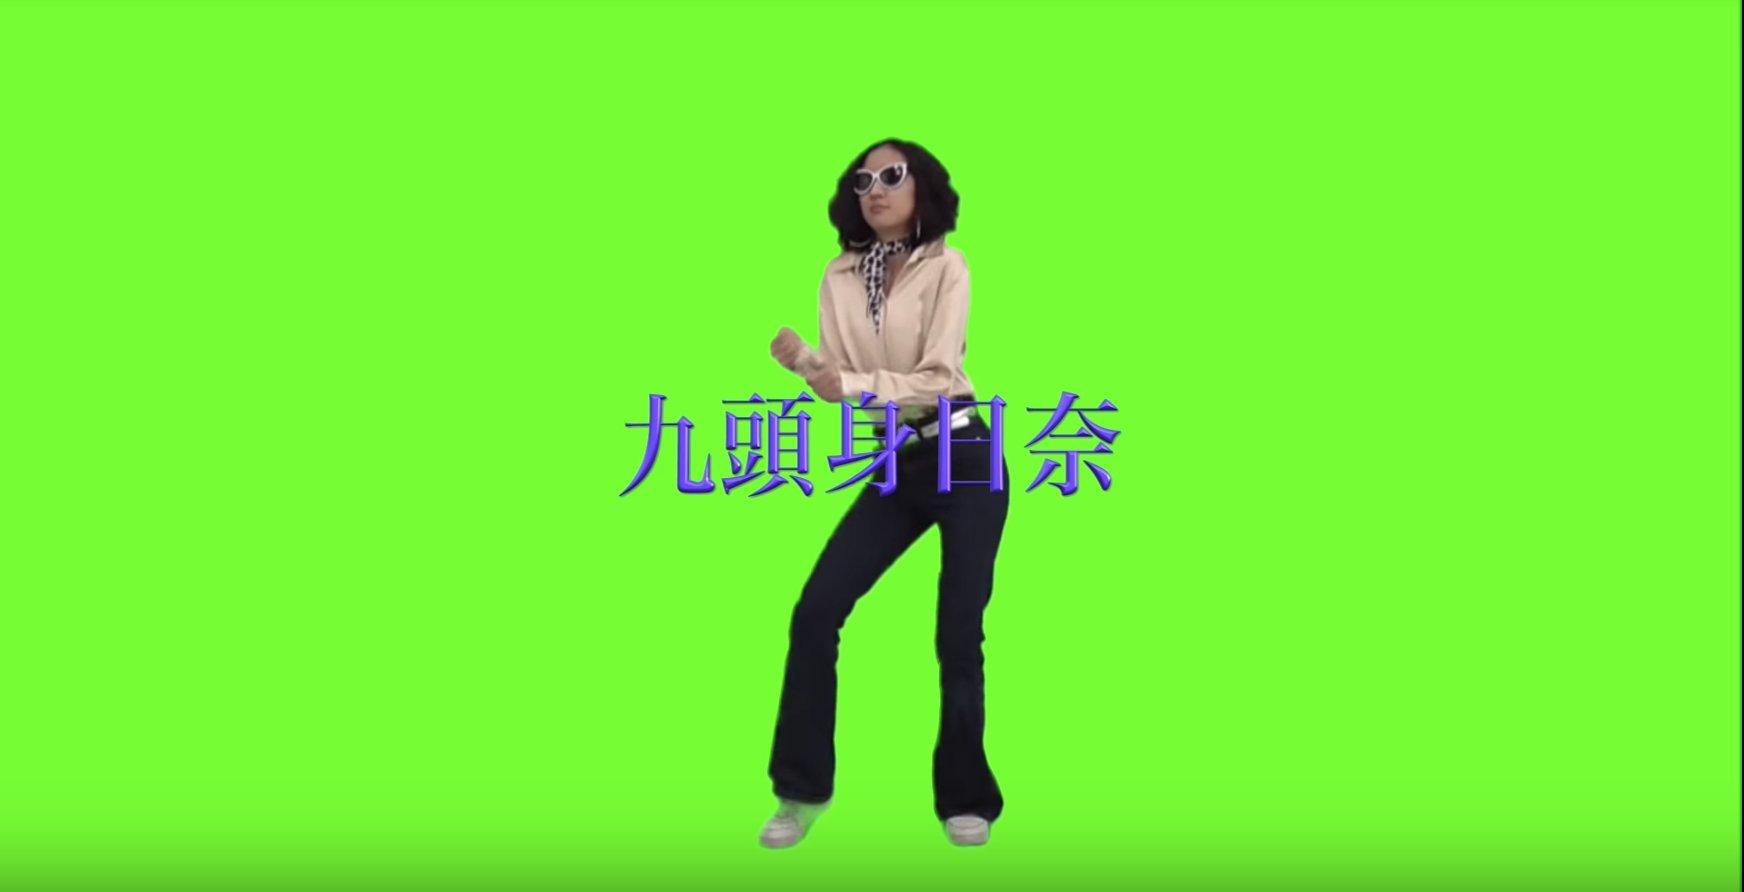 e89ea2e5b995e5bfabe785a7 2018 01 22 e4b88be58d886 46 39.png?resize=1200,630 - 連水原希子都成為迷妹追星粉,她是台灣爵士新女聲「9m88」